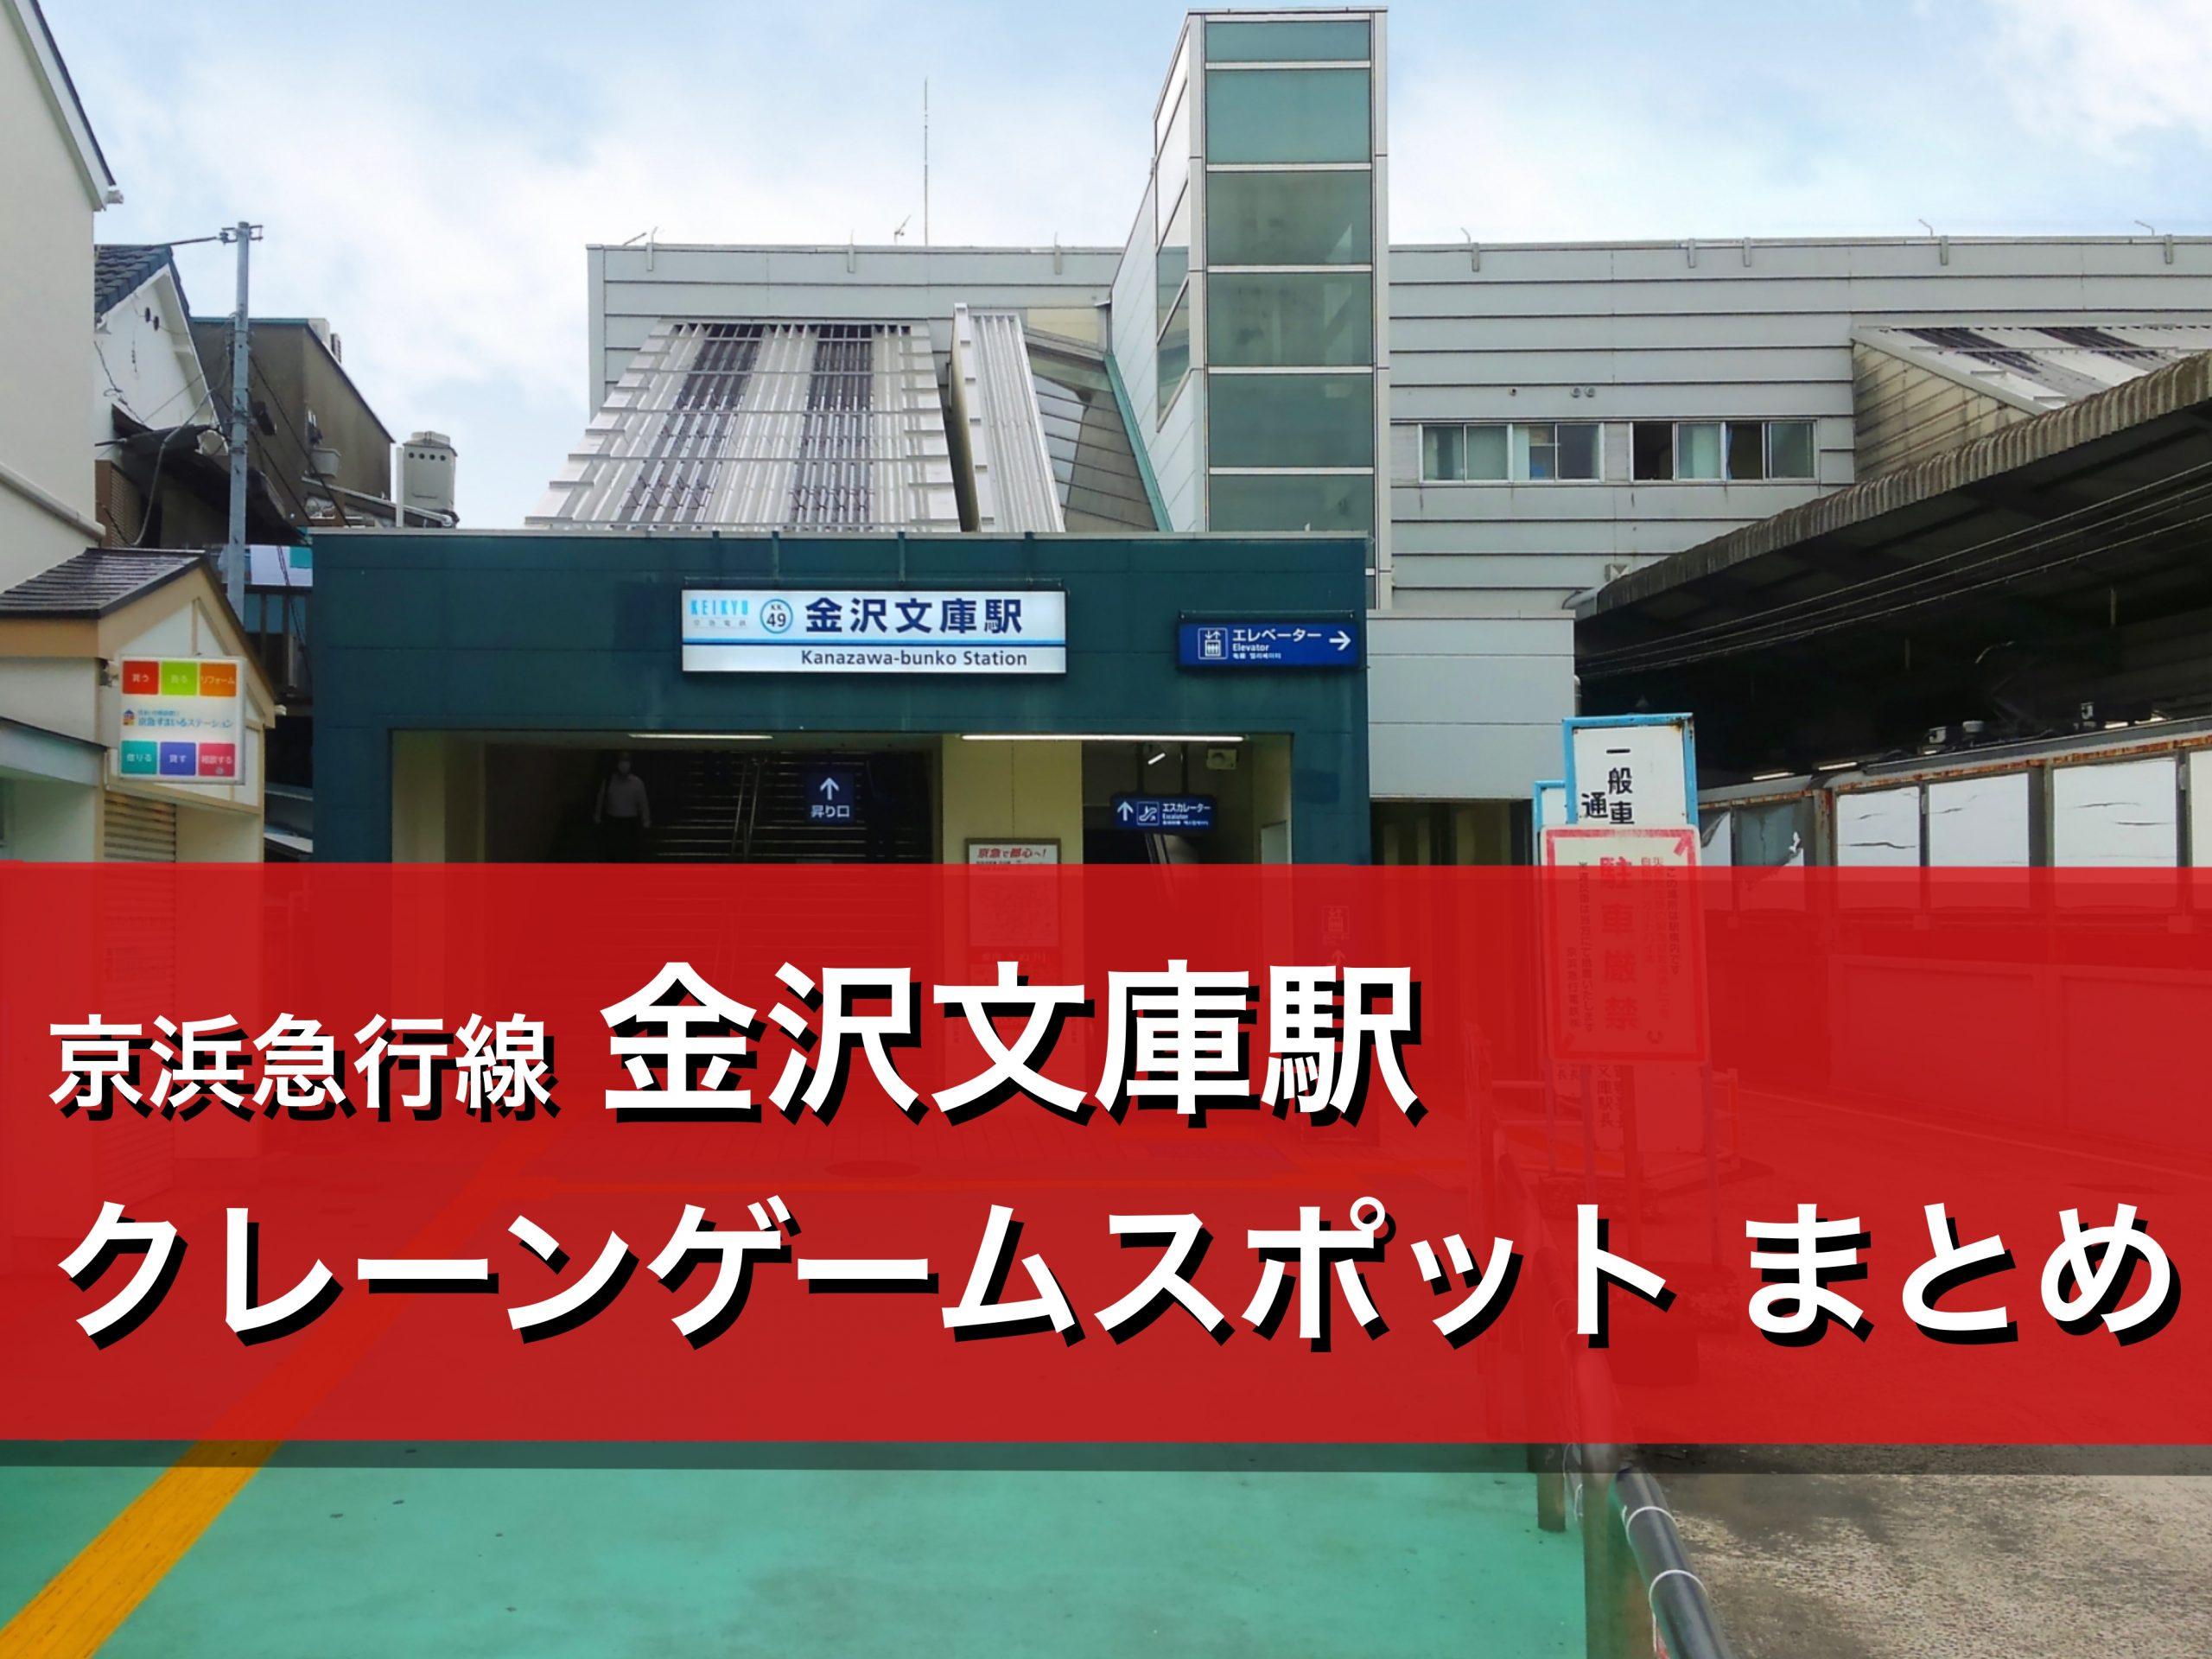 【金沢文庫駅】クレーンゲームができる場所